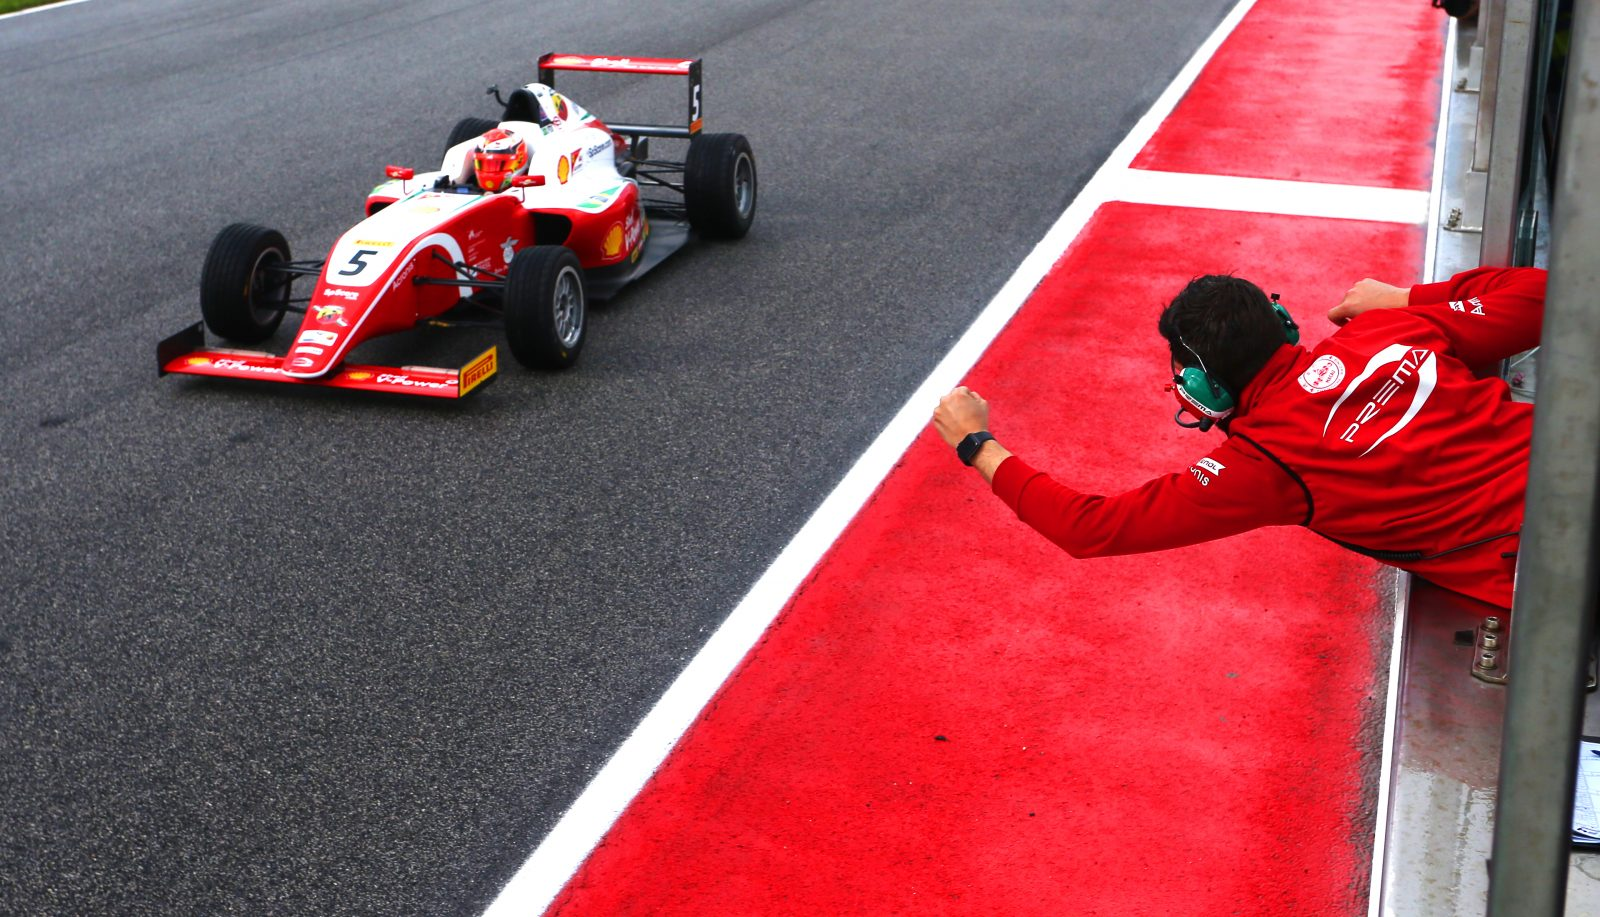 Photo of F4 – Gianluca Petecof conquista 26 posições em duas corridas e é destaque na F4 Alemã em Spielberg